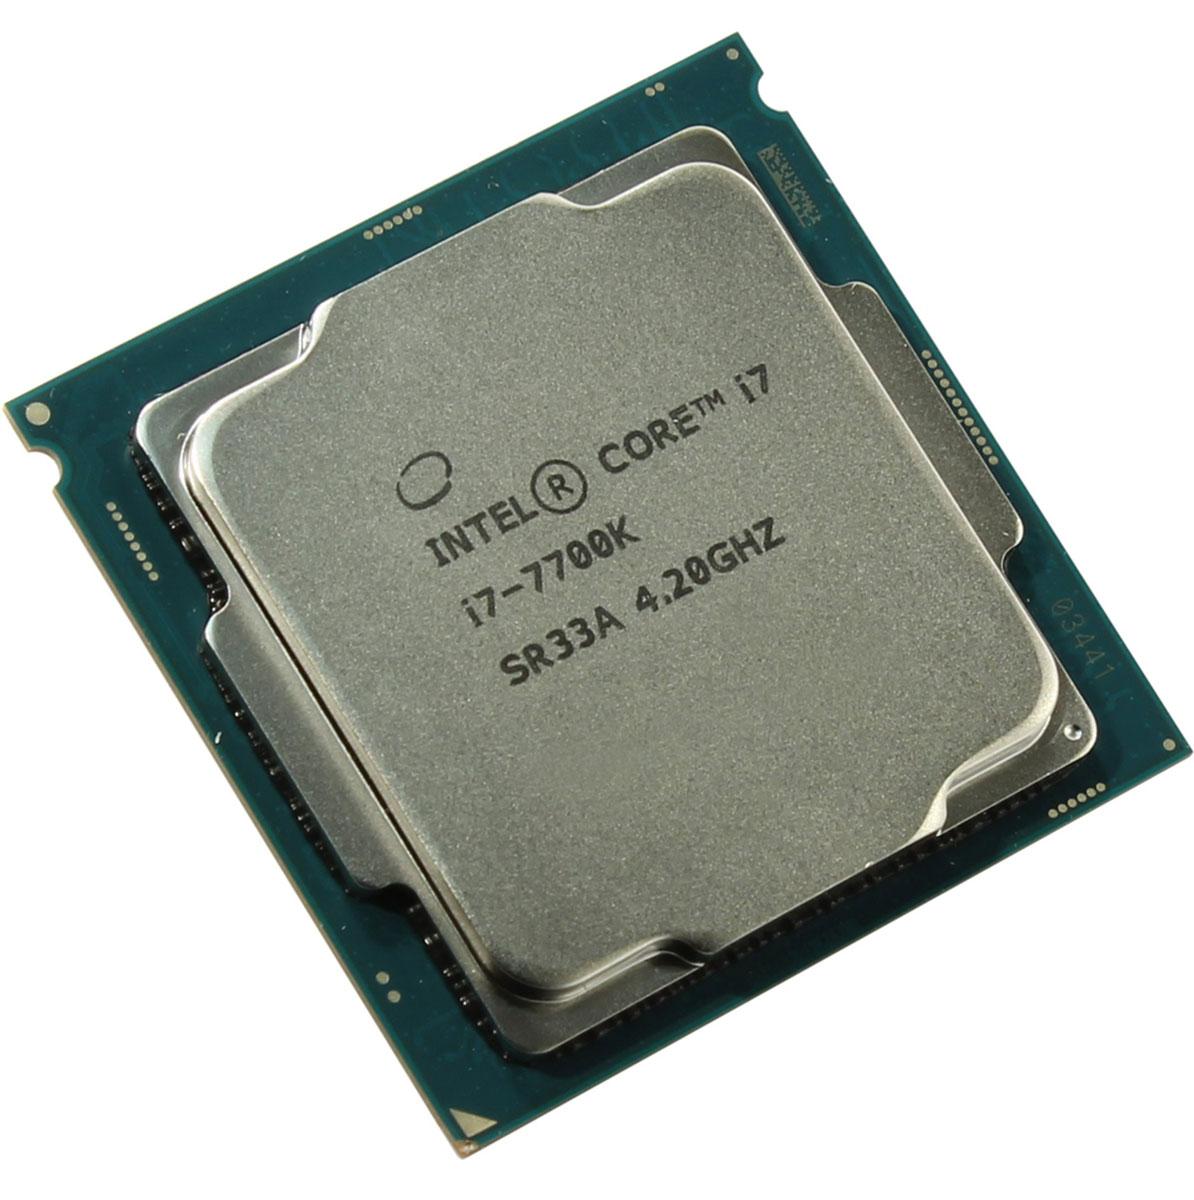 Intel Core i7-7700K процессор396388Процессор Intel Core i7-7700K обеспечит высокую производительность системы, когда это необходимо.Одна из ключевых особенностей Kaby Lake кроется в поддержке HEVC кодирования и декодирования 4К видео. Процессоры 7-го поколения Intel, теперь перепоручают данную работу непосредственно графической карте, и не задействуют, как это было раньше, свои собственные ядра, тем самым качество потока 4К видео улучшается.Пользователь заметит и значительные улучшения в работе с 3D графикой при использовании Kaby Lake, в сравнении с предыдущими поколениями, что напрямую говорит об улучшении игрового процесса.Поддержка DirectX 12,Поддержка интерфейса Direct Media,Поддержка интерфейса PCI Express 3.0,Разблокированный множитель,Функция Execute Disable Bit